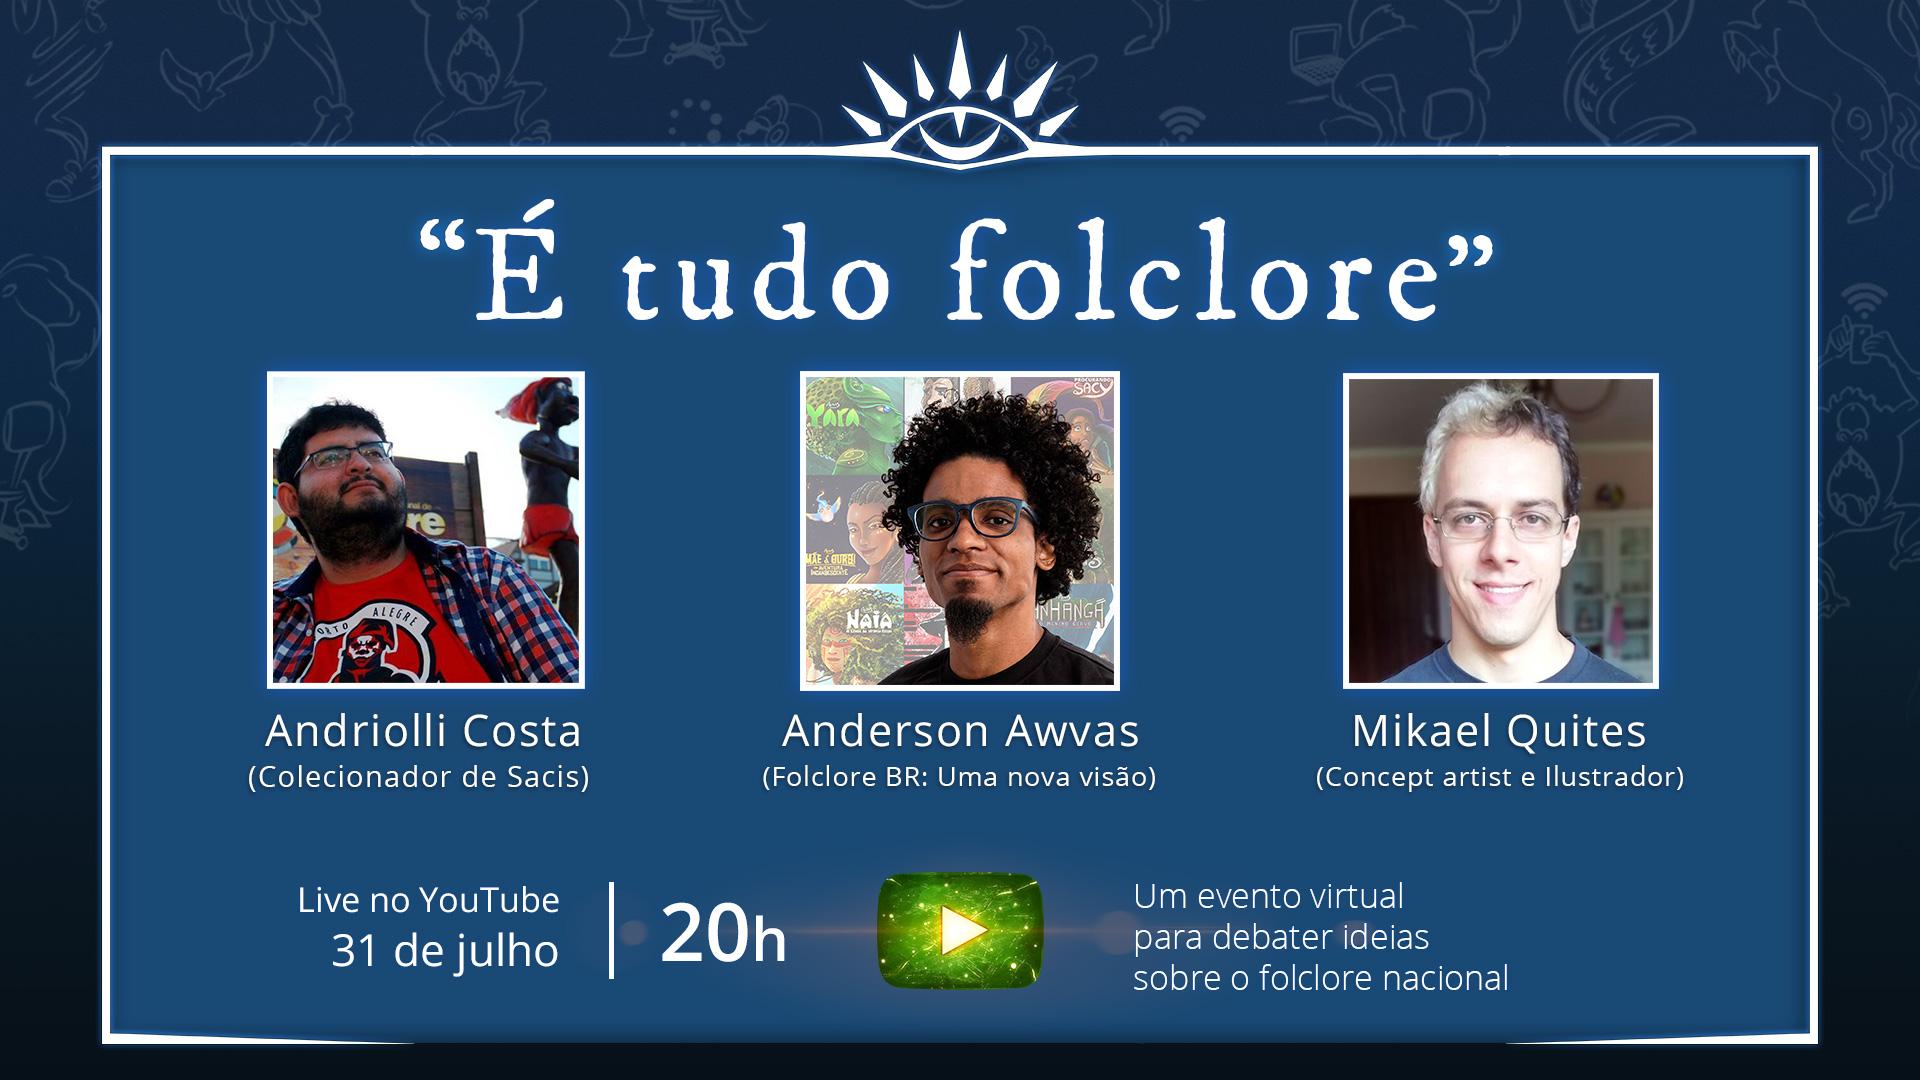 No mês do folclore, iniciativa divulga na web projetos inspirados na cultura popular brasileira 5